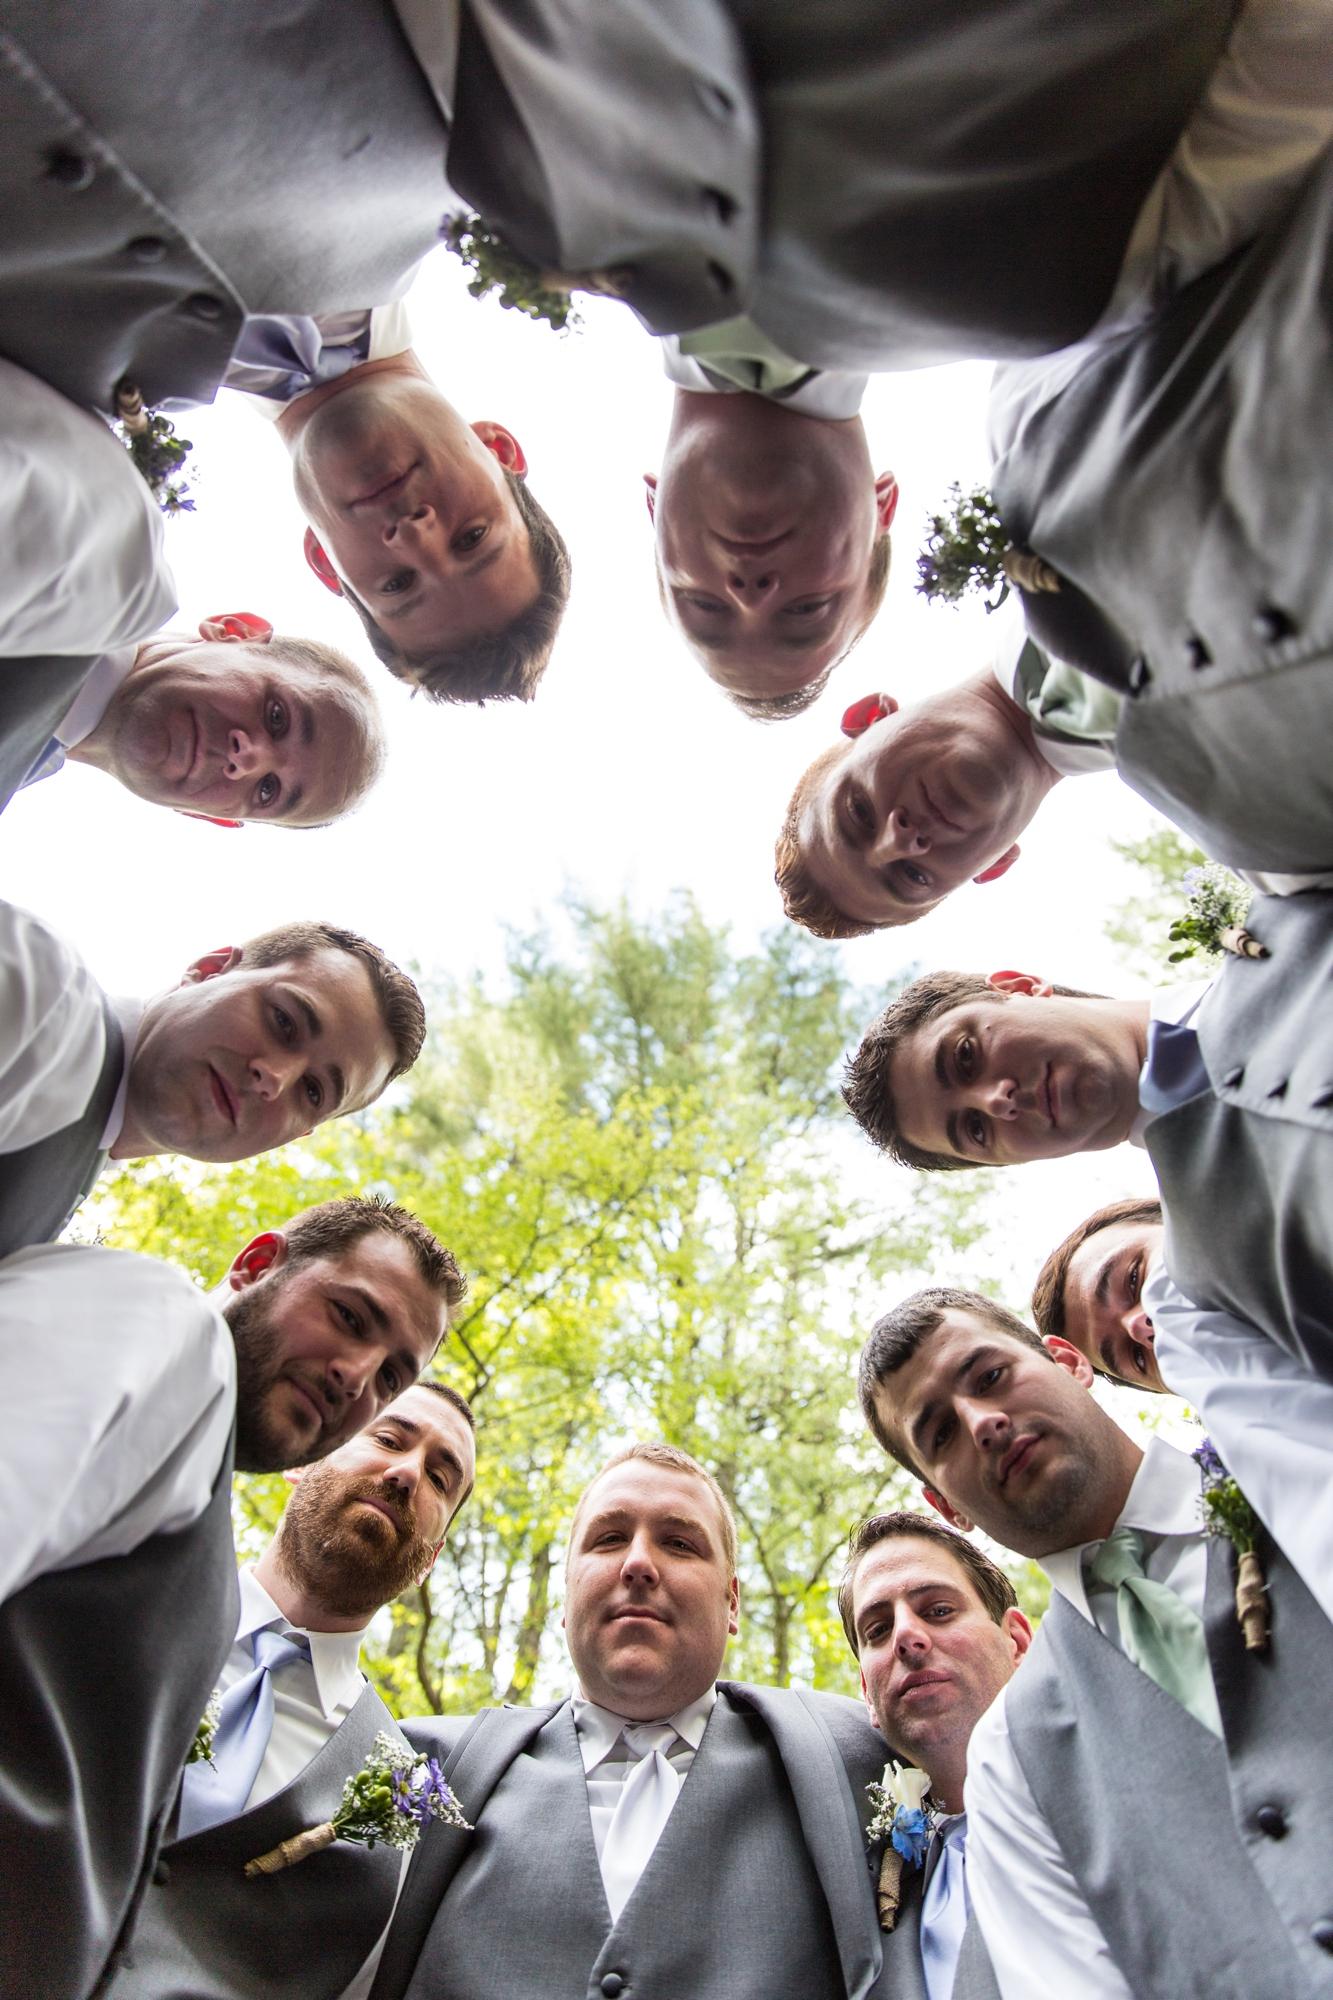 Albany NY Wedding Photographer Justin Tibbitts Photography 2014 Best of Albany NY Weddings-5024043